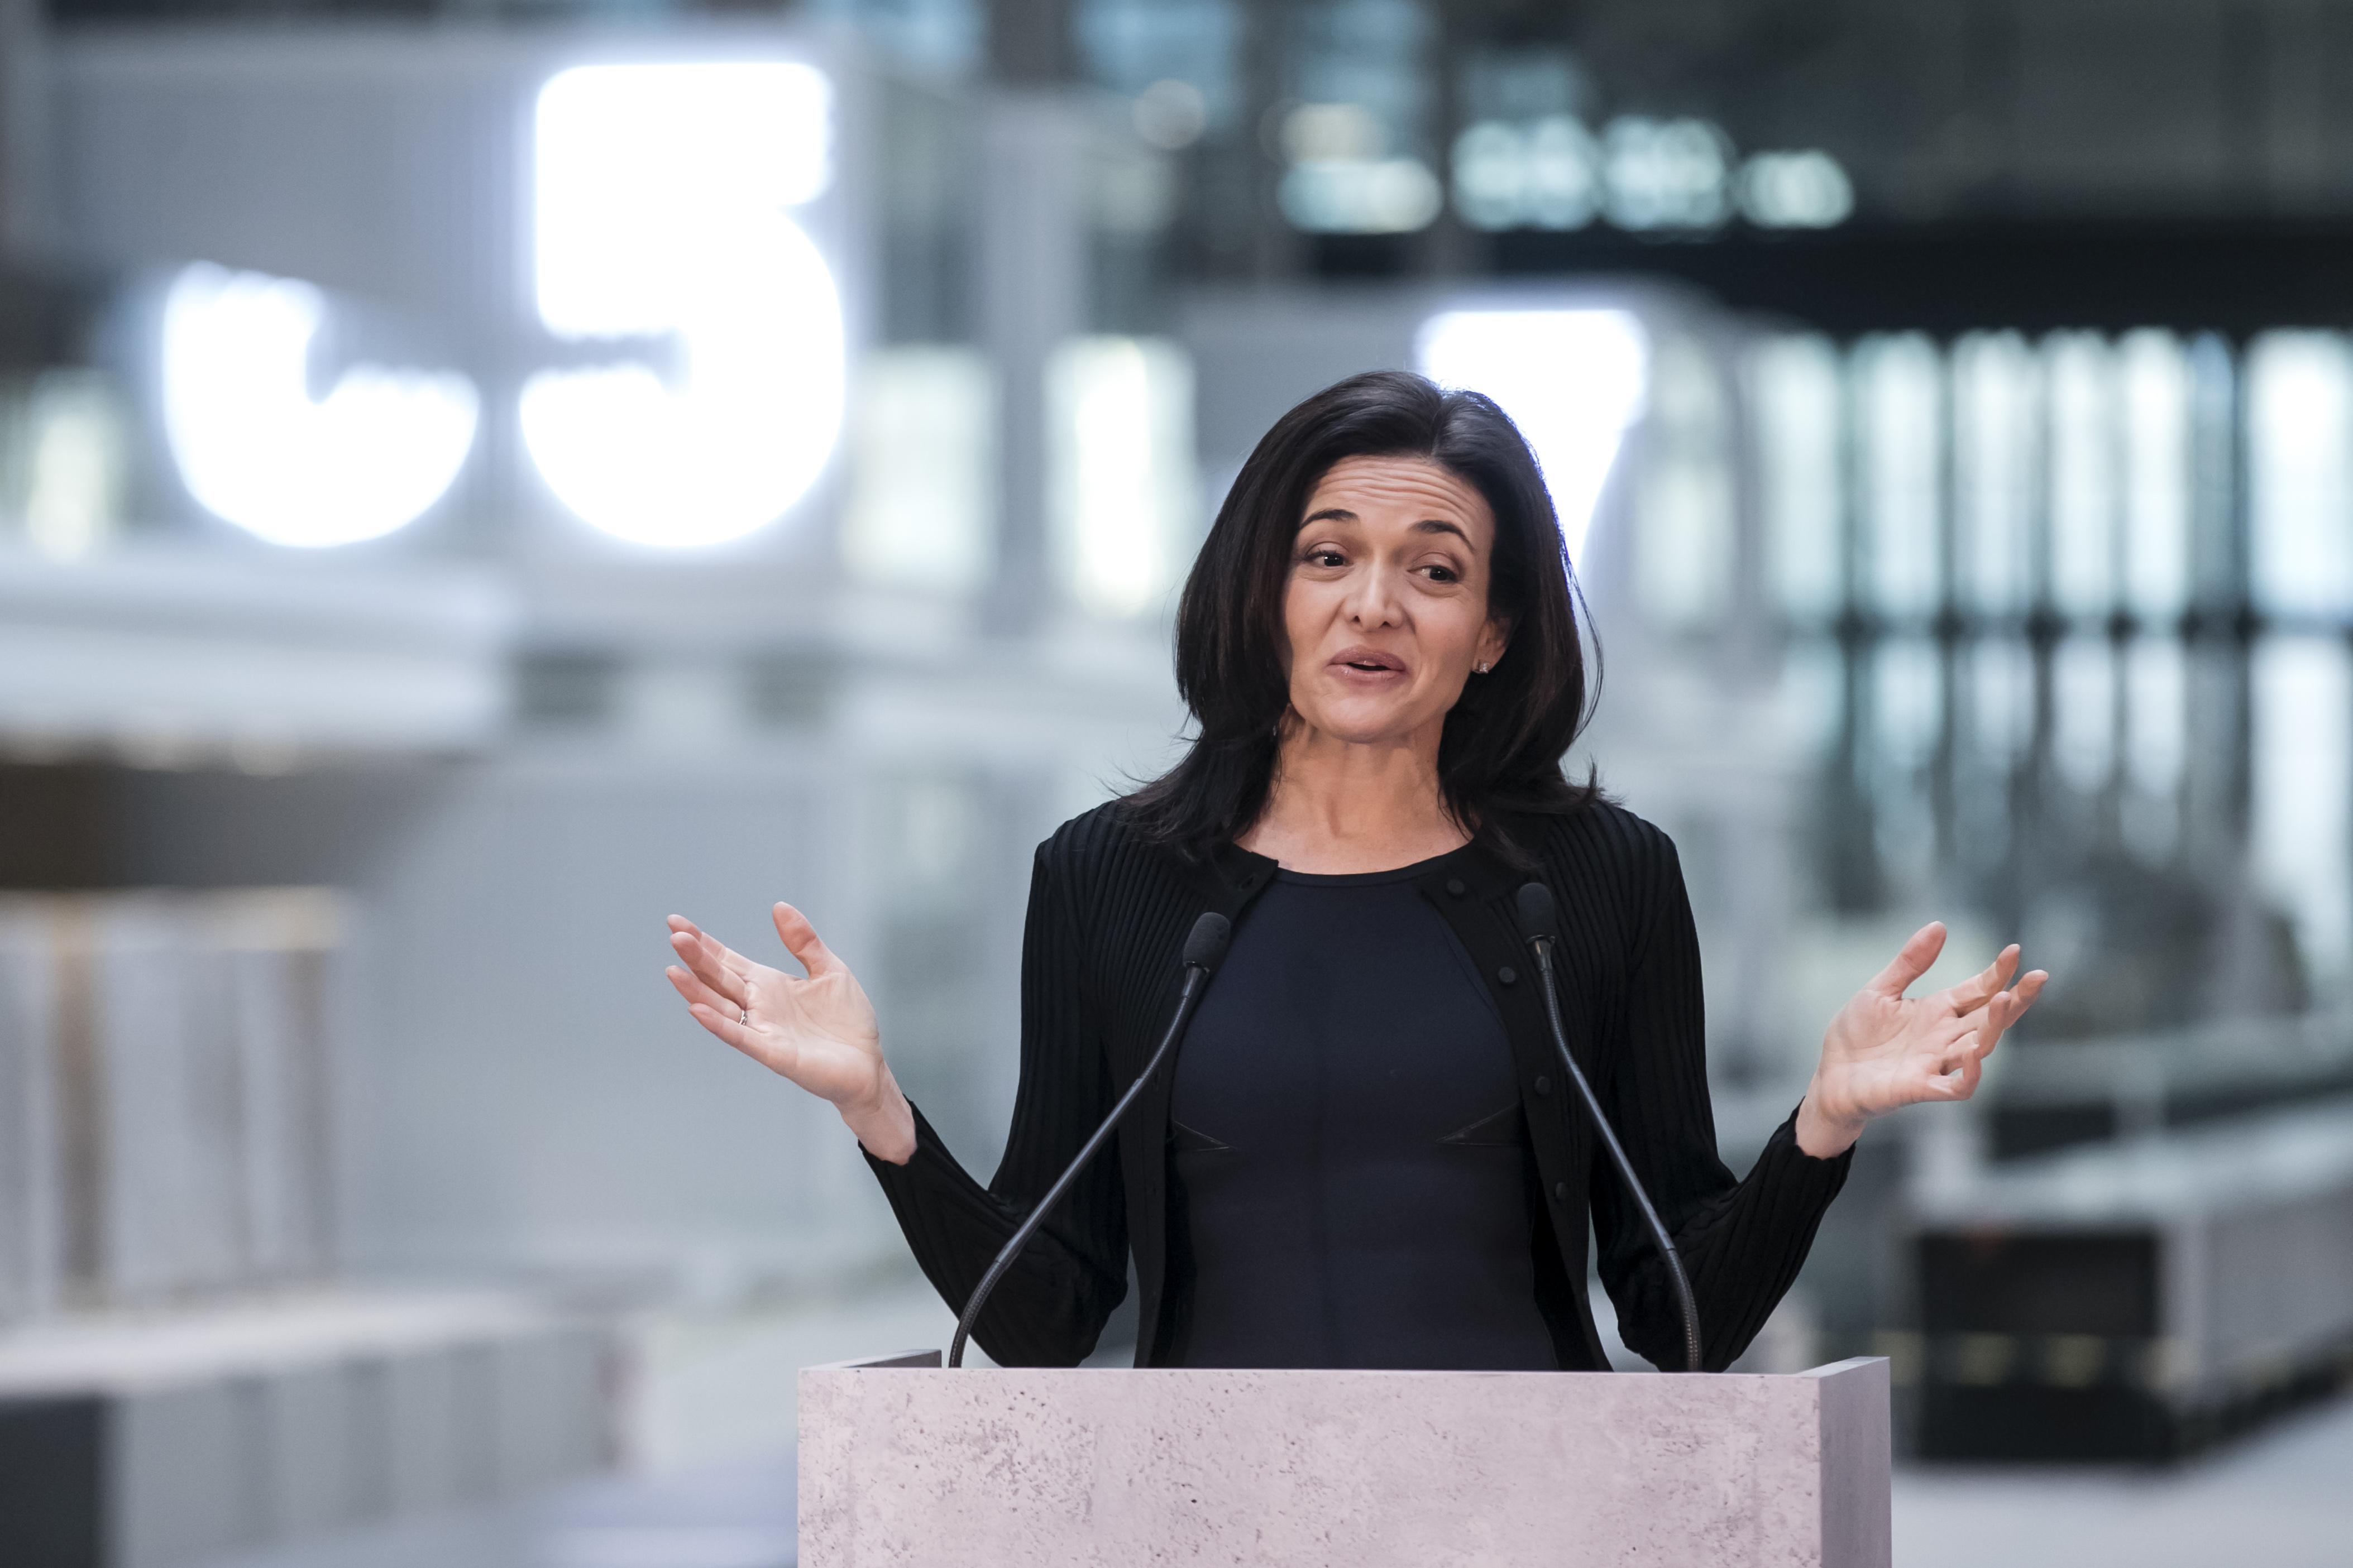 Facebook COO Sheryl Sandberg speaking at a podium